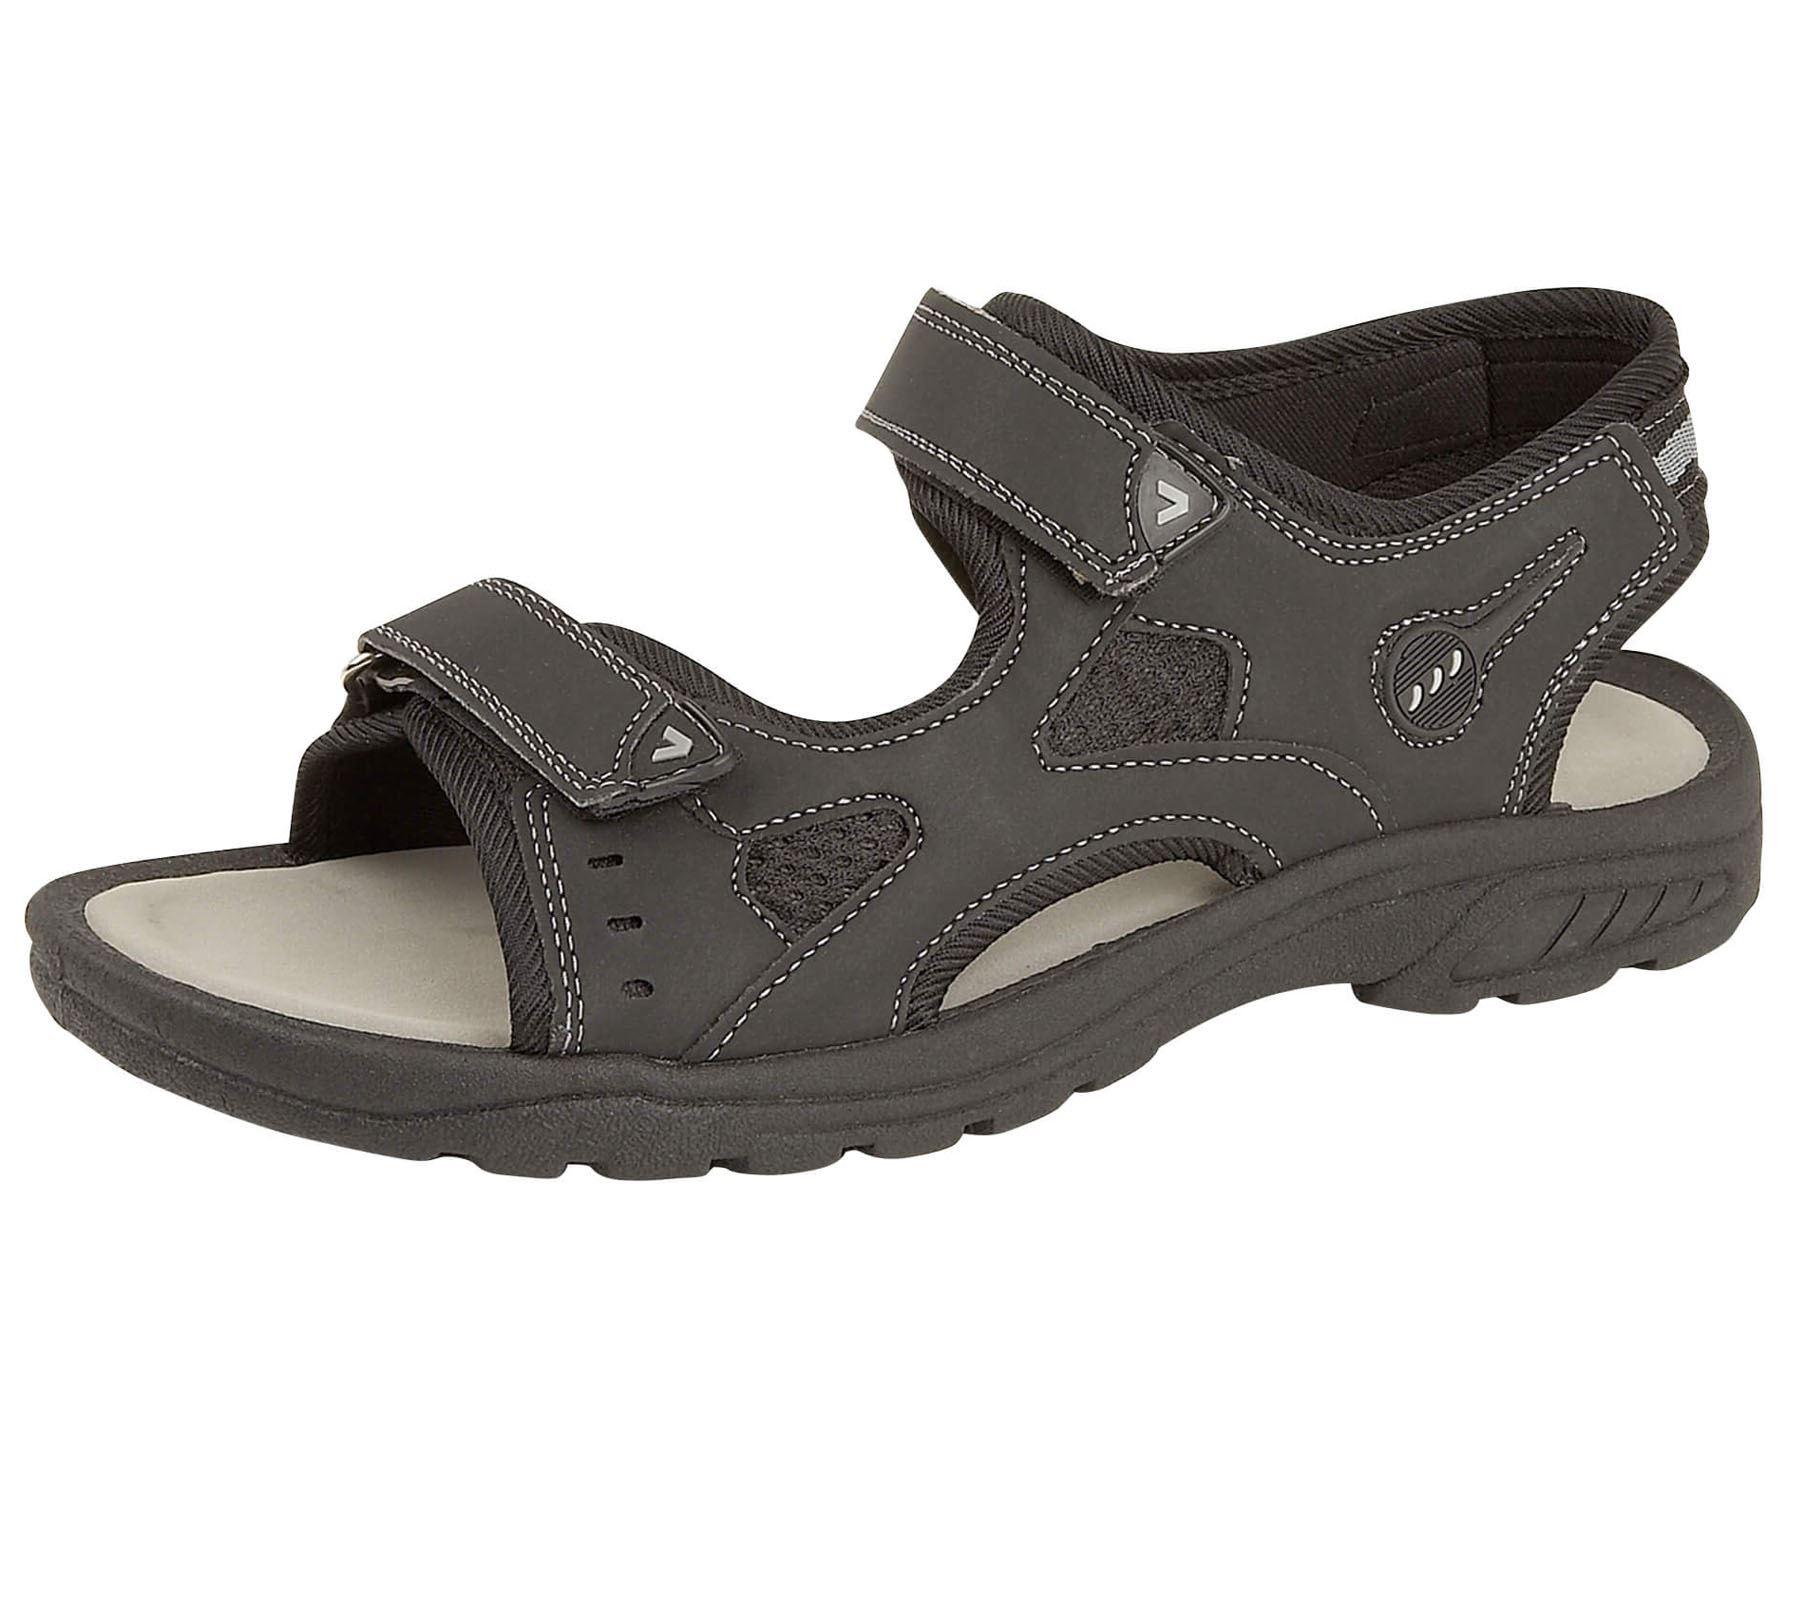 Mens-Sandals-Summer-Beach-Casual-Syenthatic-Sandals miniatura 4